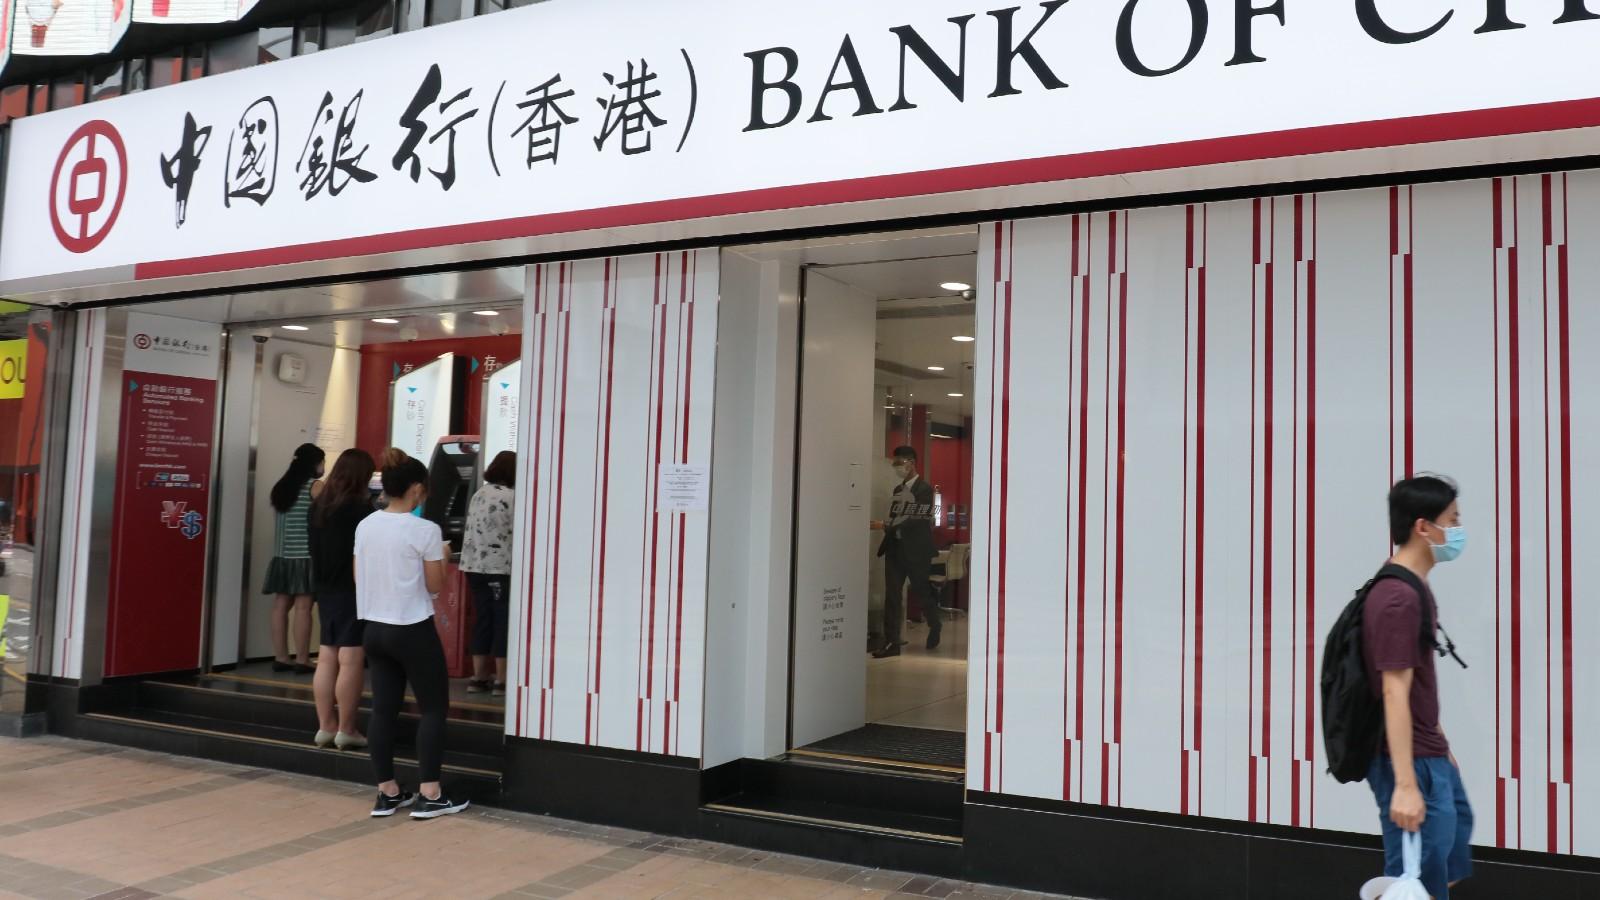 英鎊定期存款2021|6間銀行短存加息搶客|最少都有10厘息